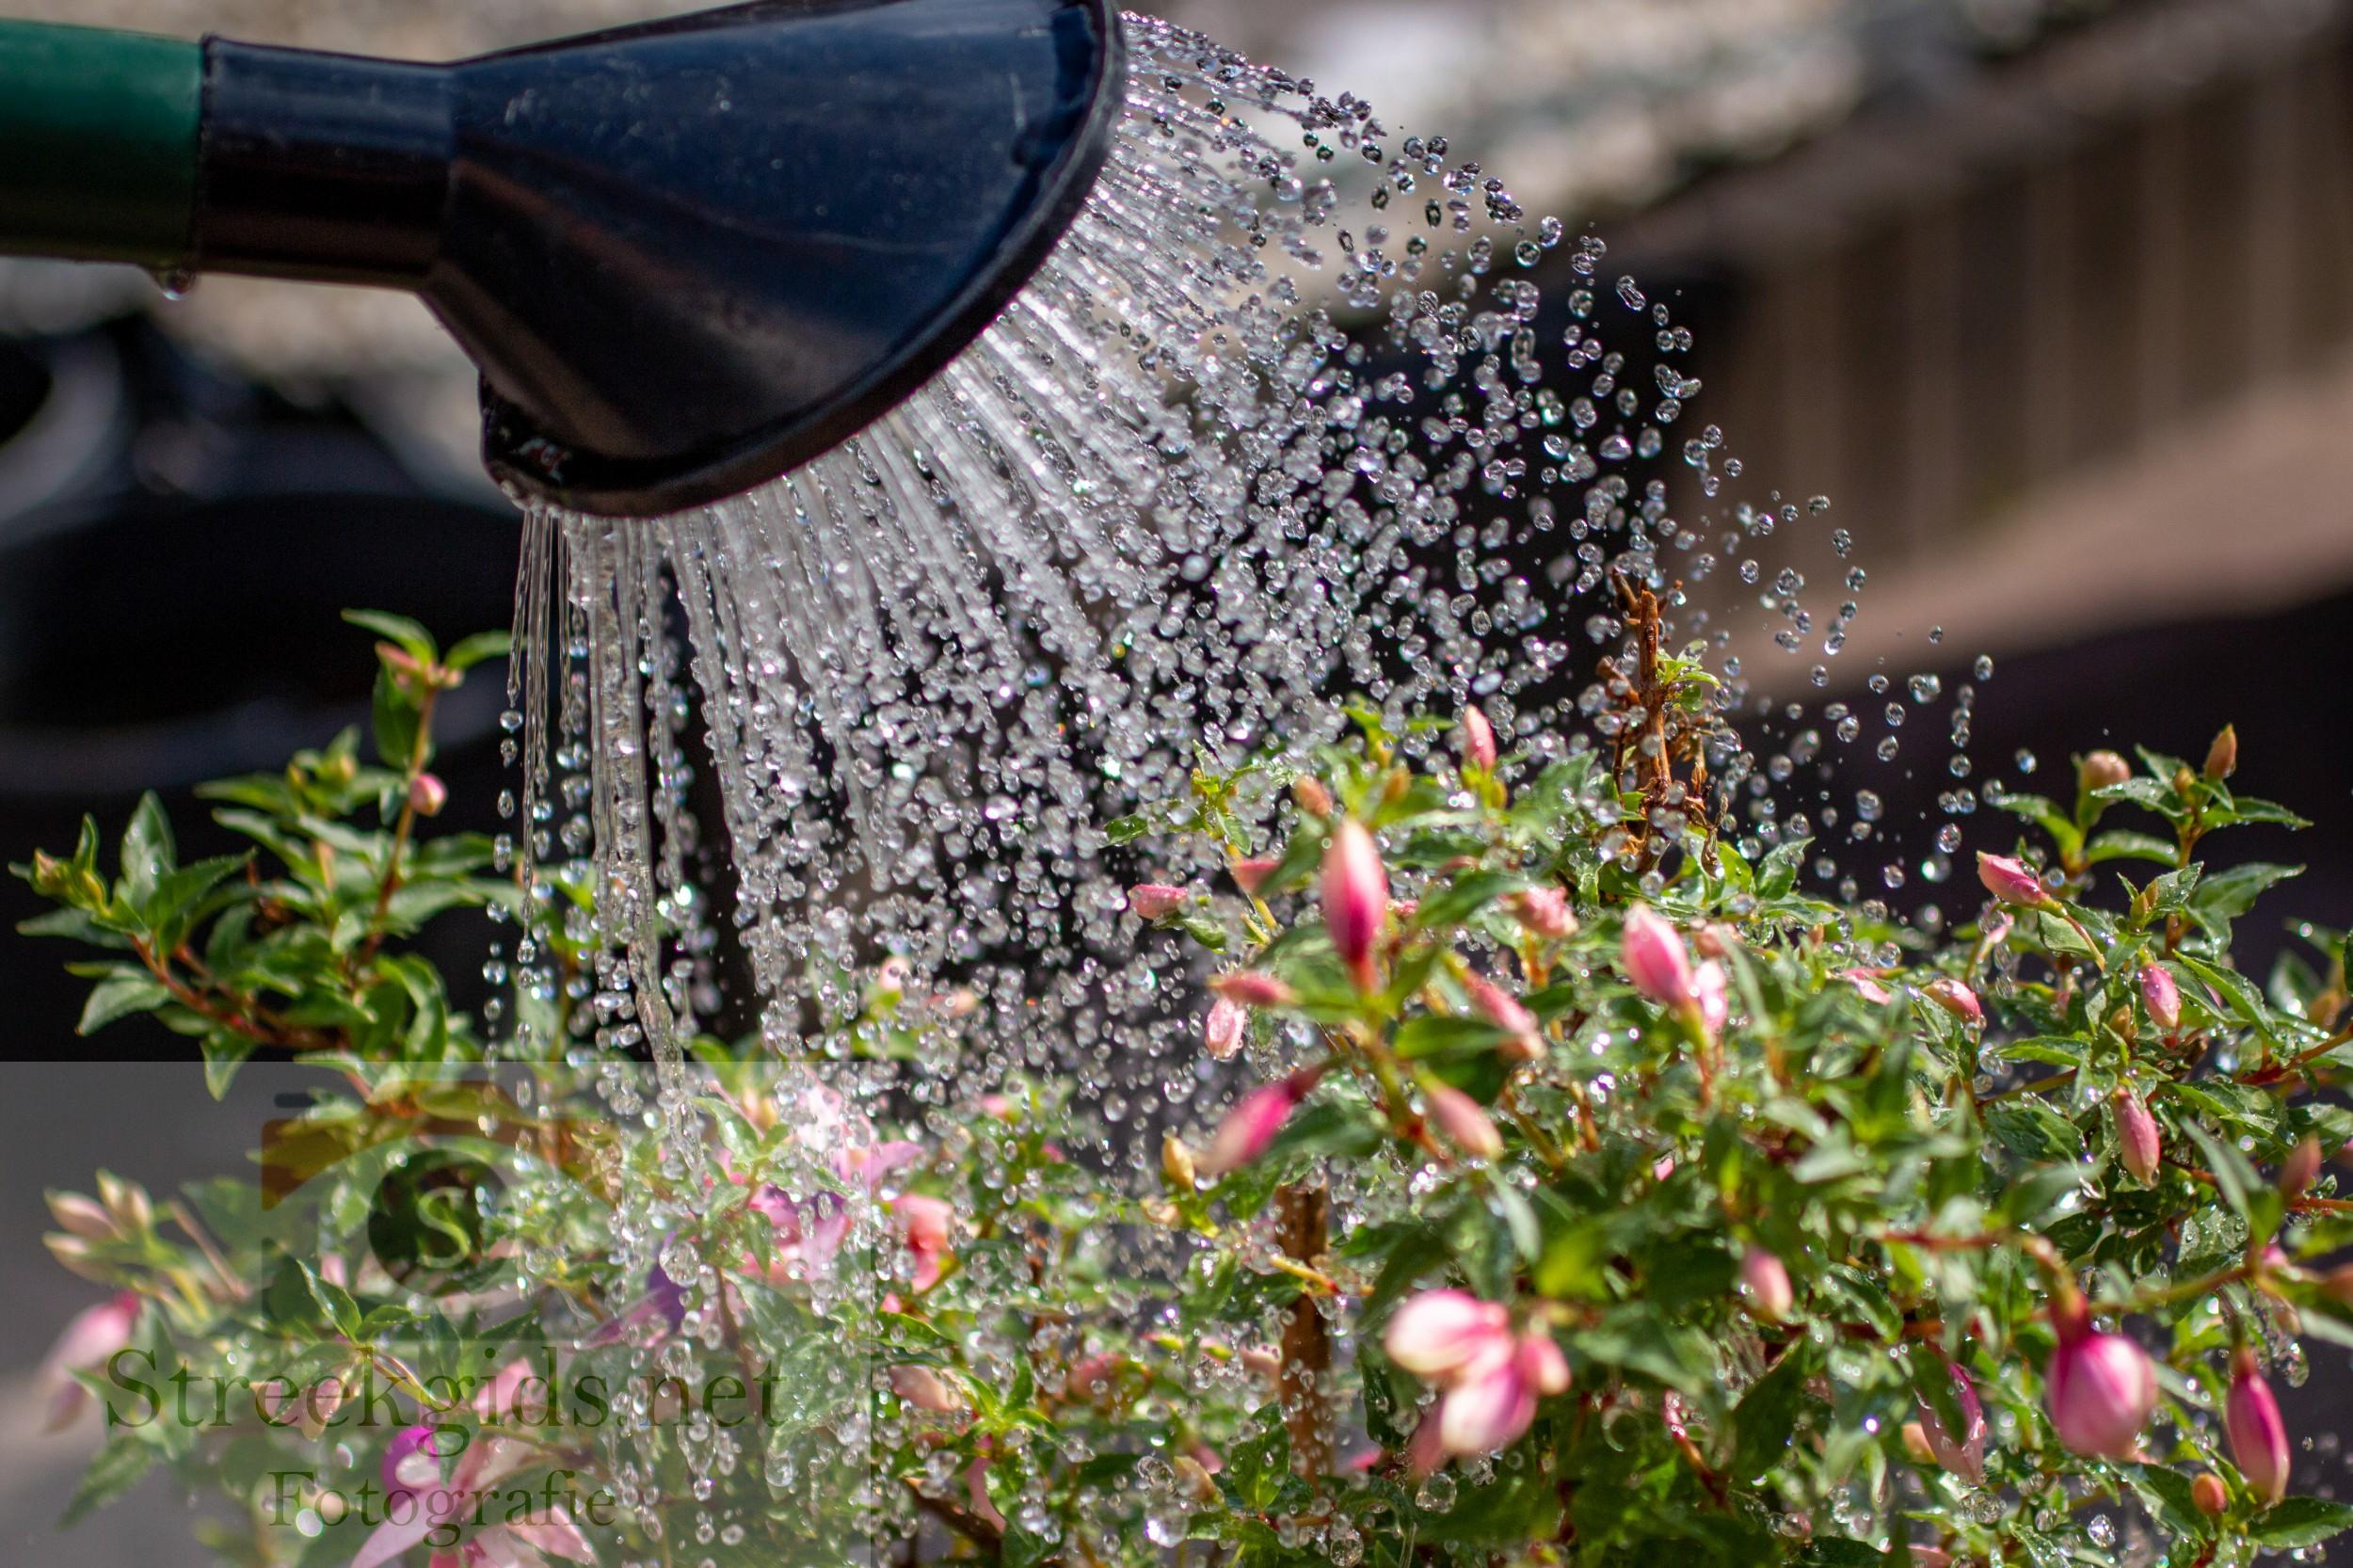 Bloemen regenwater geven